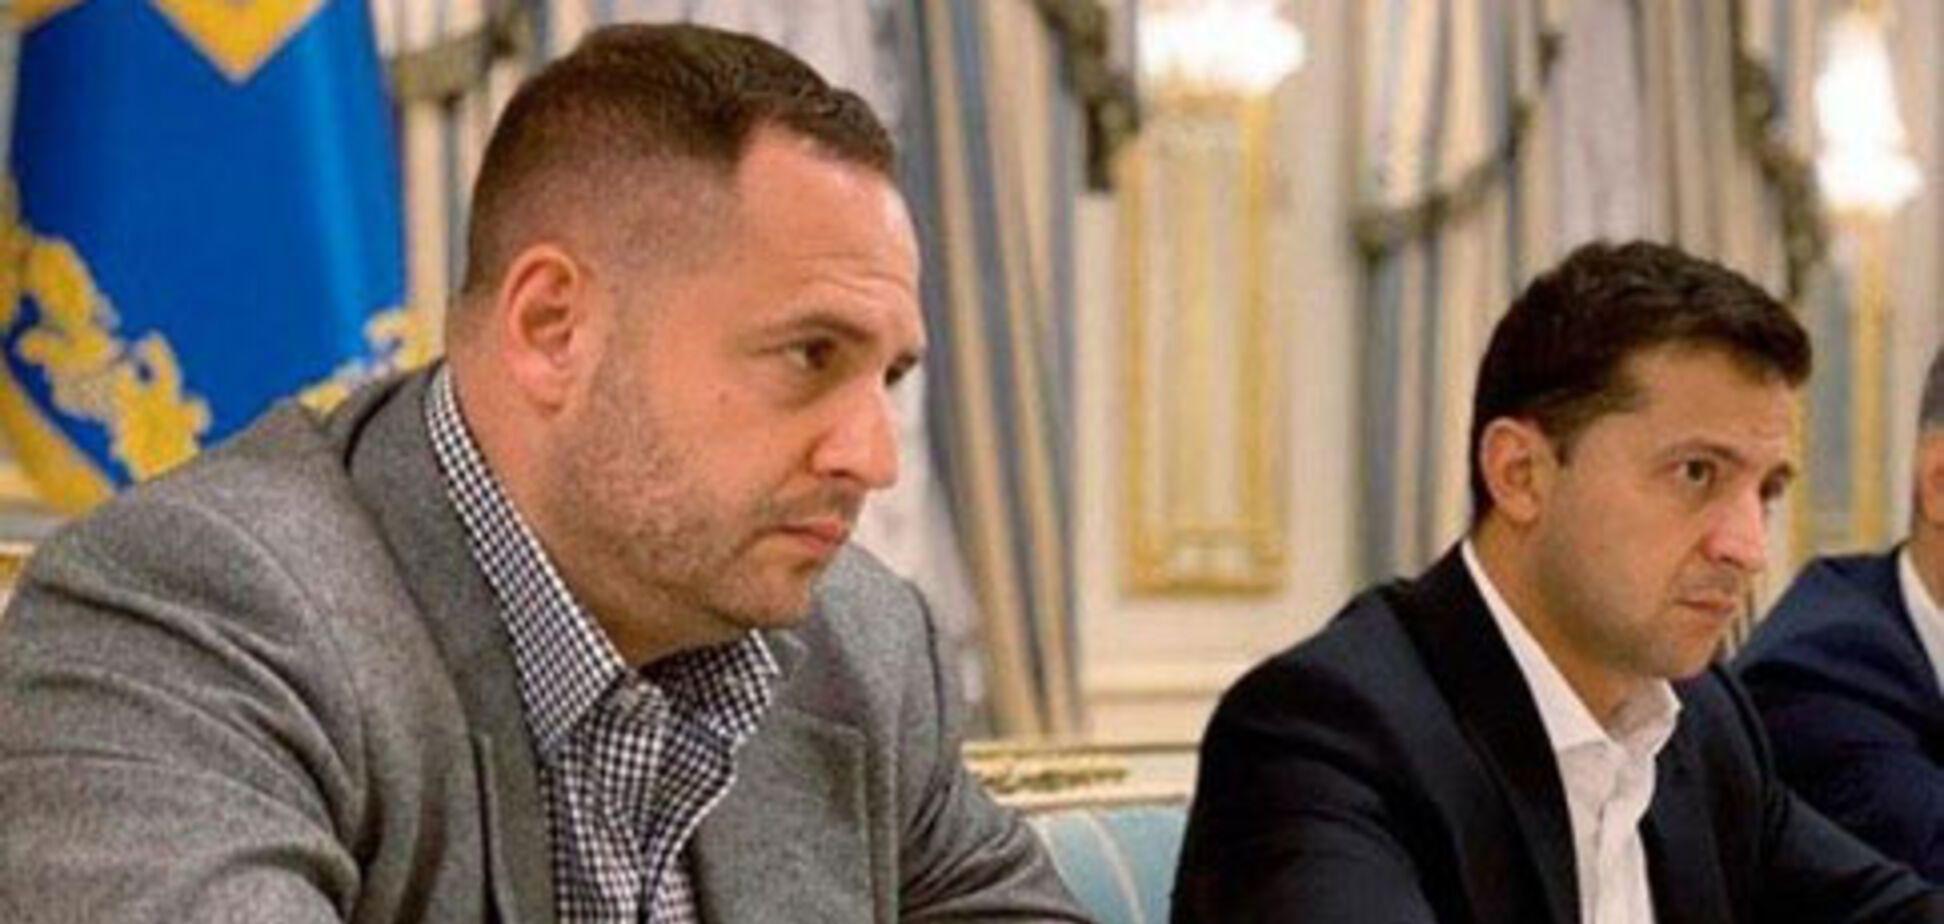 ВладимирЗеленский, вам не стыдно? Или вы считаете всех лохами?